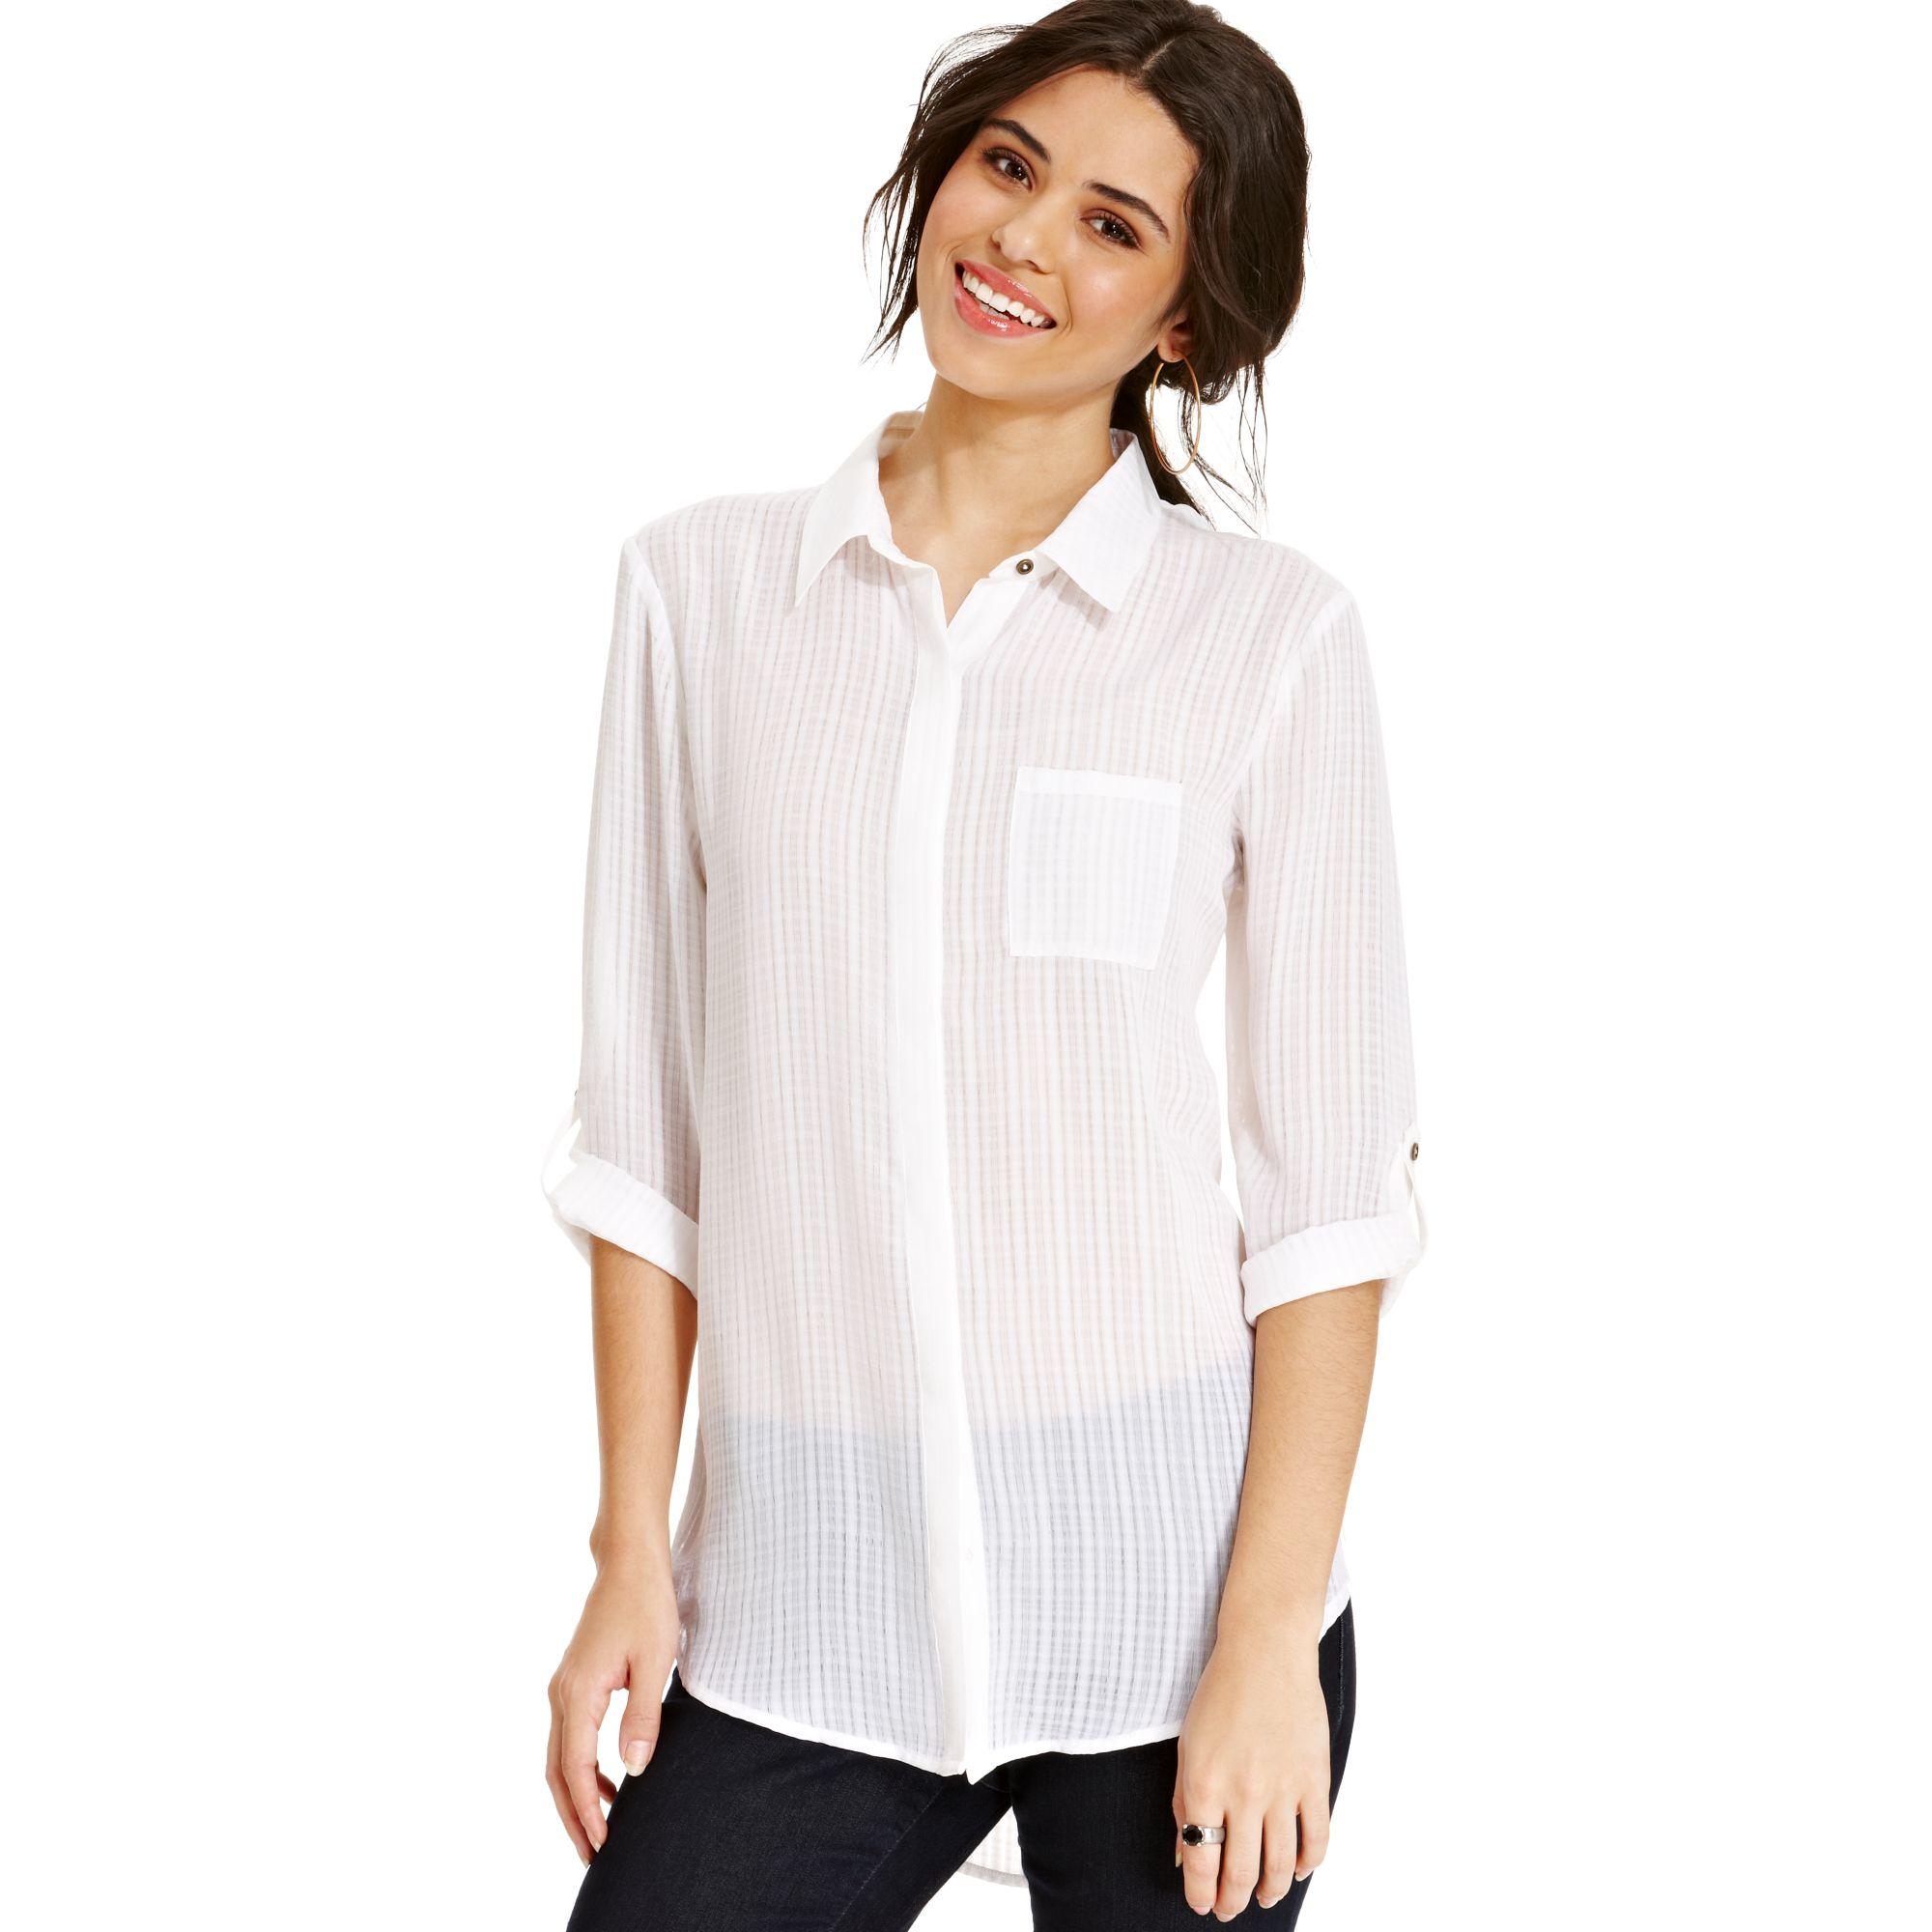 2c1bf104 White Dress Shirt For Juniors - DREAMWORKS